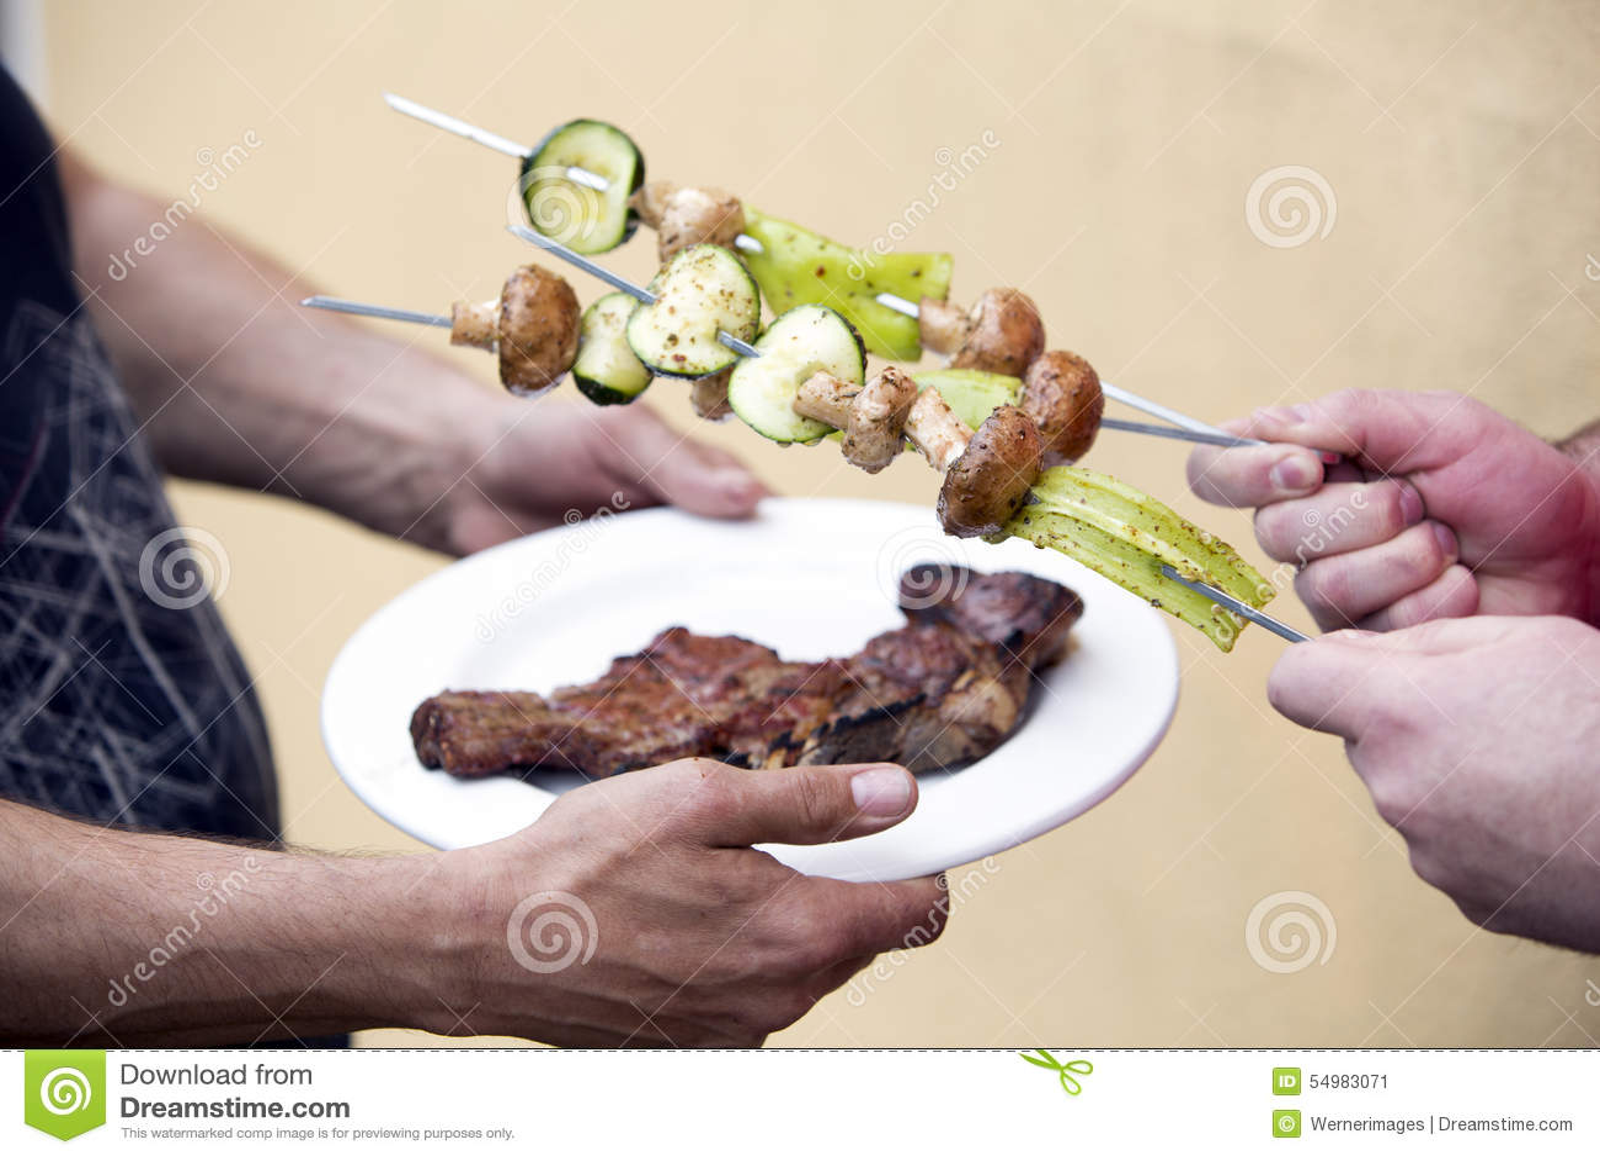 Platta med biff- och grönsaksteknålen